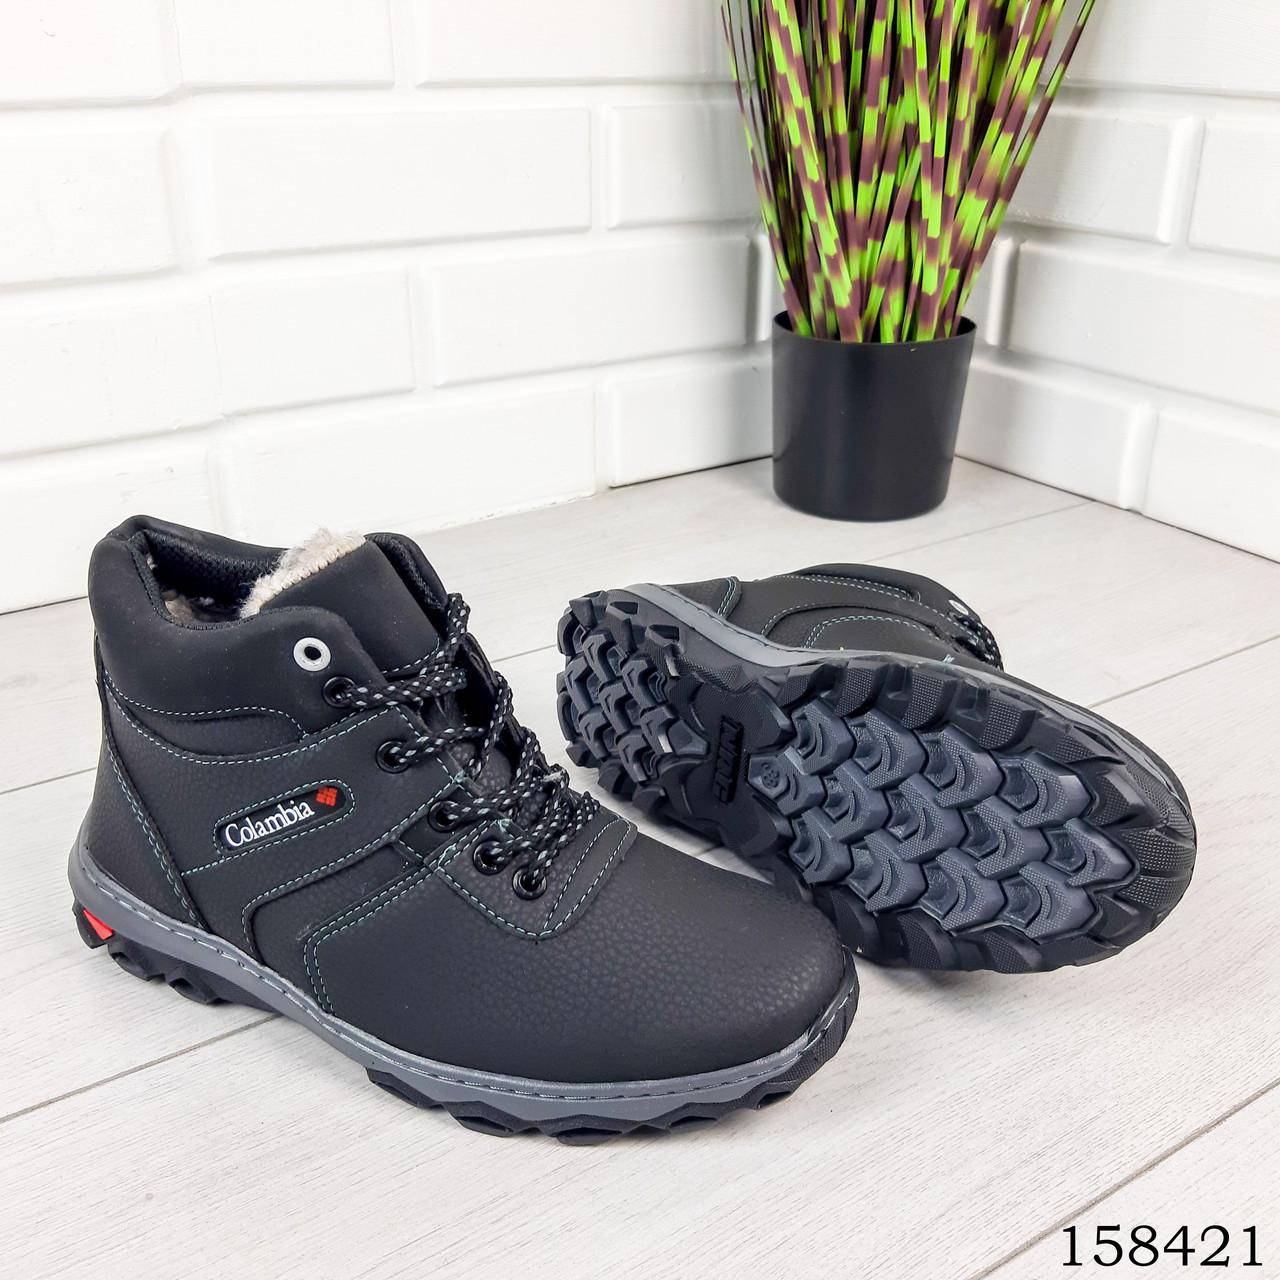 Детские, подростковые ботинки зимние на шнурках, черного цвета из эко кожи, внутри теплый эко мех.